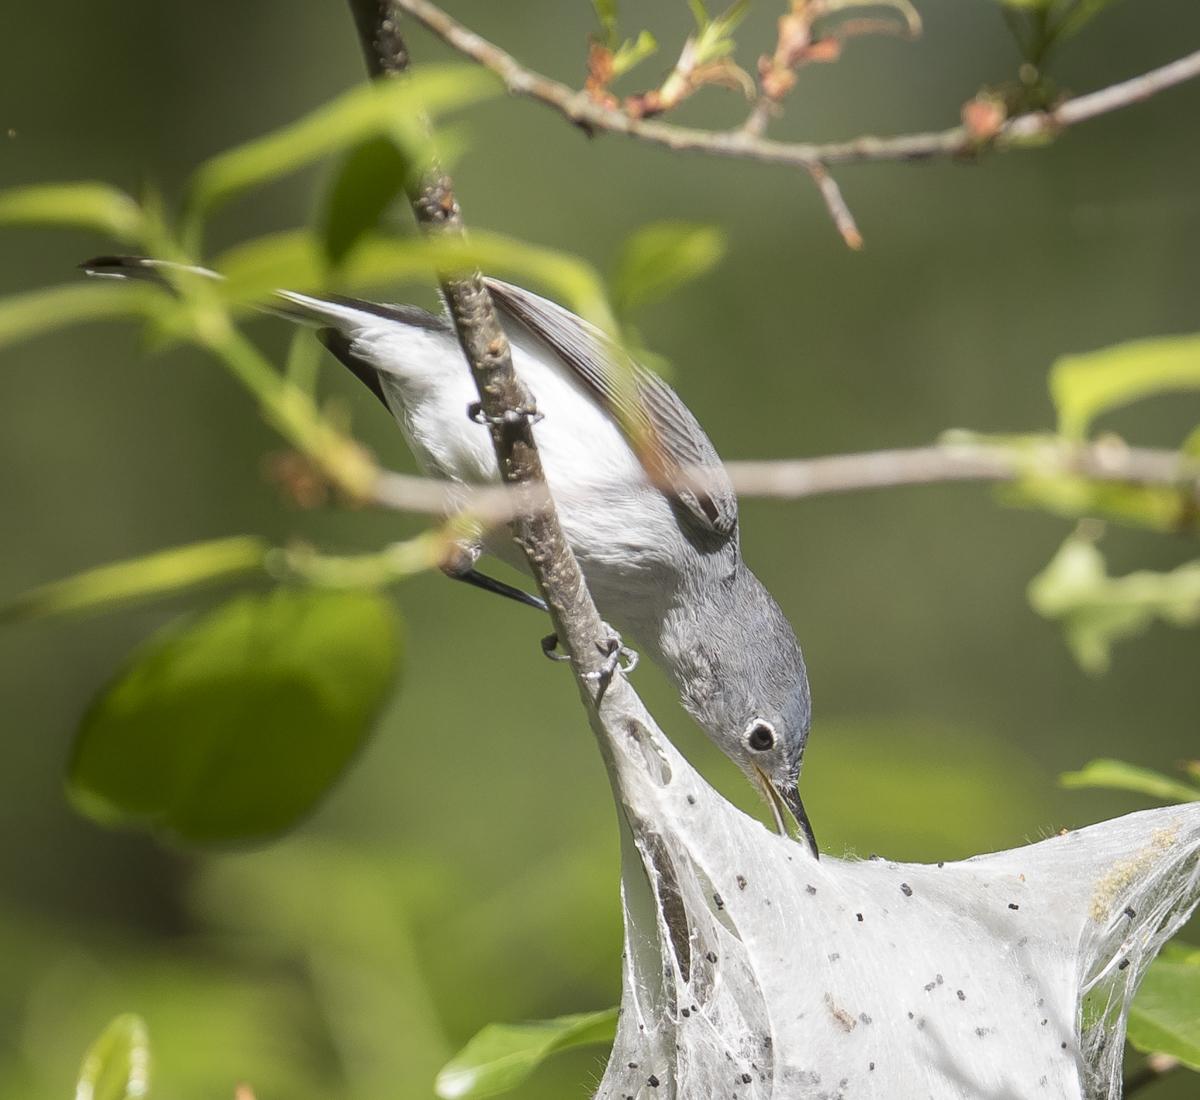 BG gnatcatcher at tent caterpillar nest 2